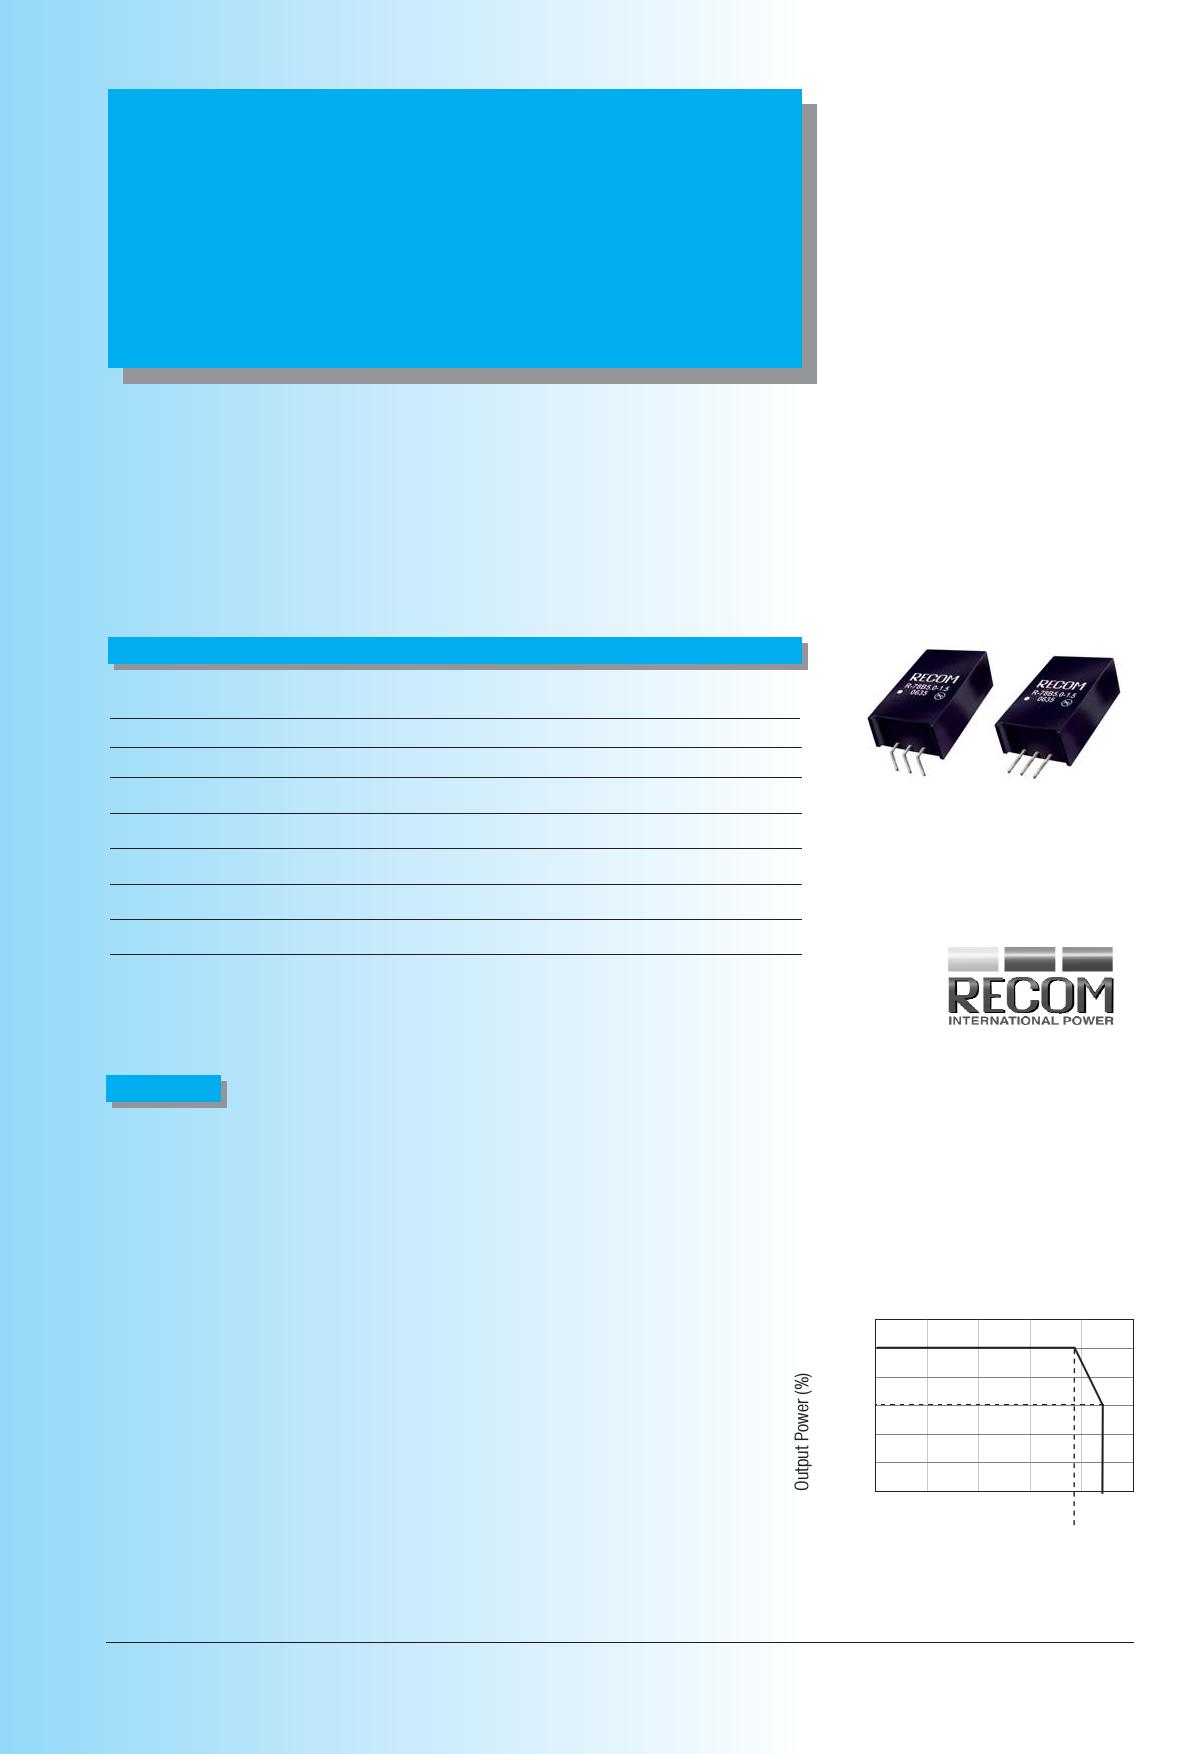 R-78Bxx-1.5L даташит PDF